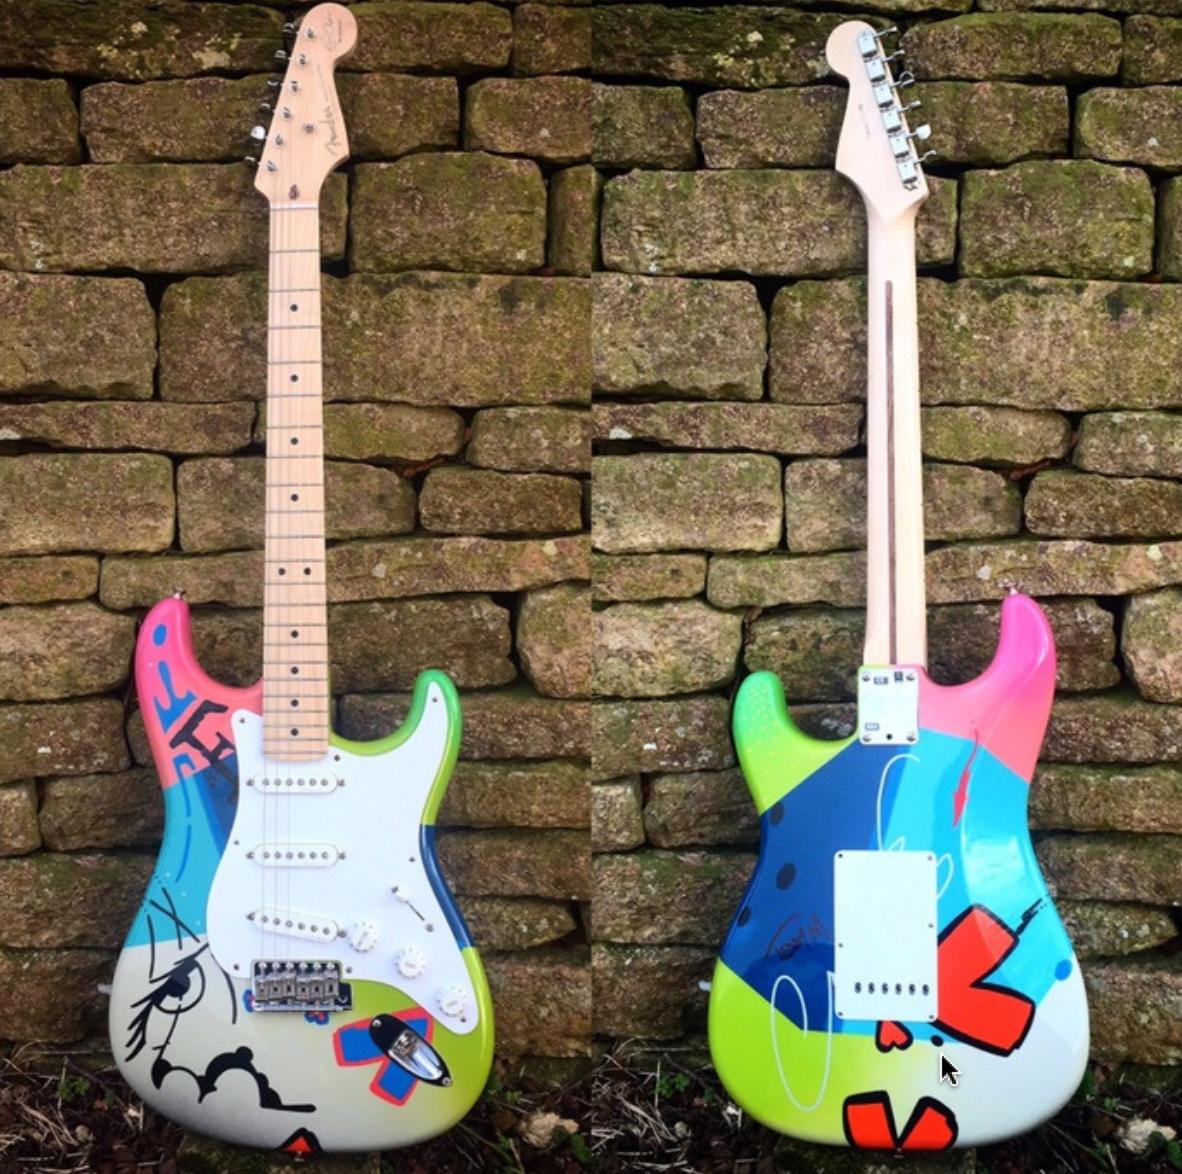 Sheerans guitar